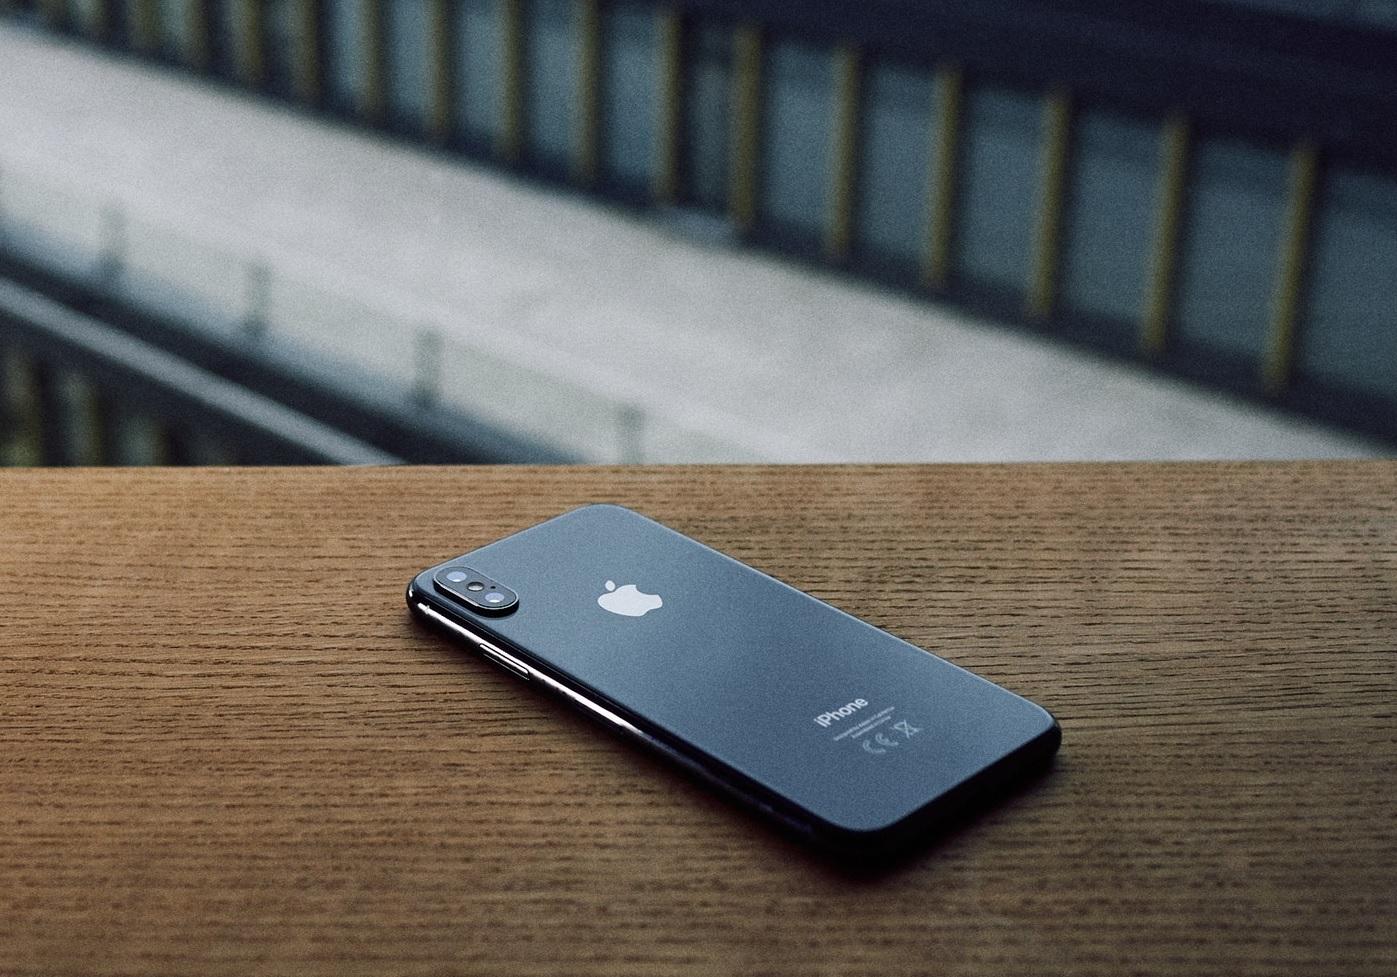 Avec iOS 13, Apple proposerait un accessoire pour retrouver ses objets perdus